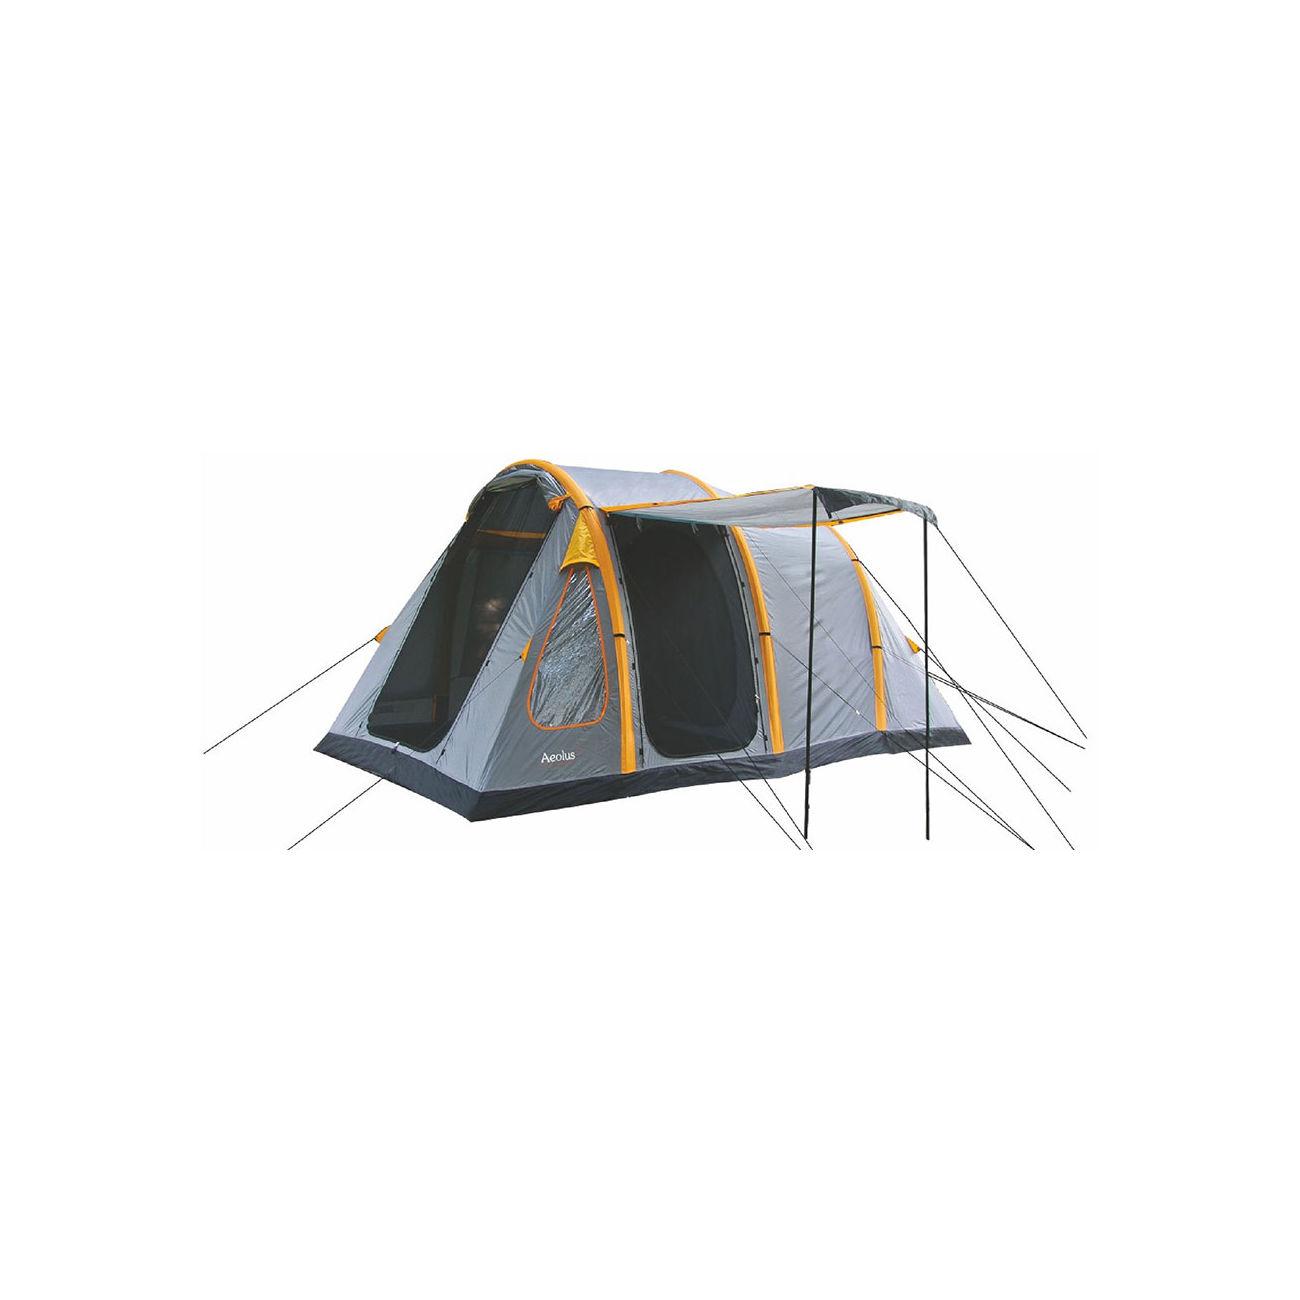 highlander aufblasbares zelt 4 mann aeolus 4 grau orange kotte zeller. Black Bedroom Furniture Sets. Home Design Ideas